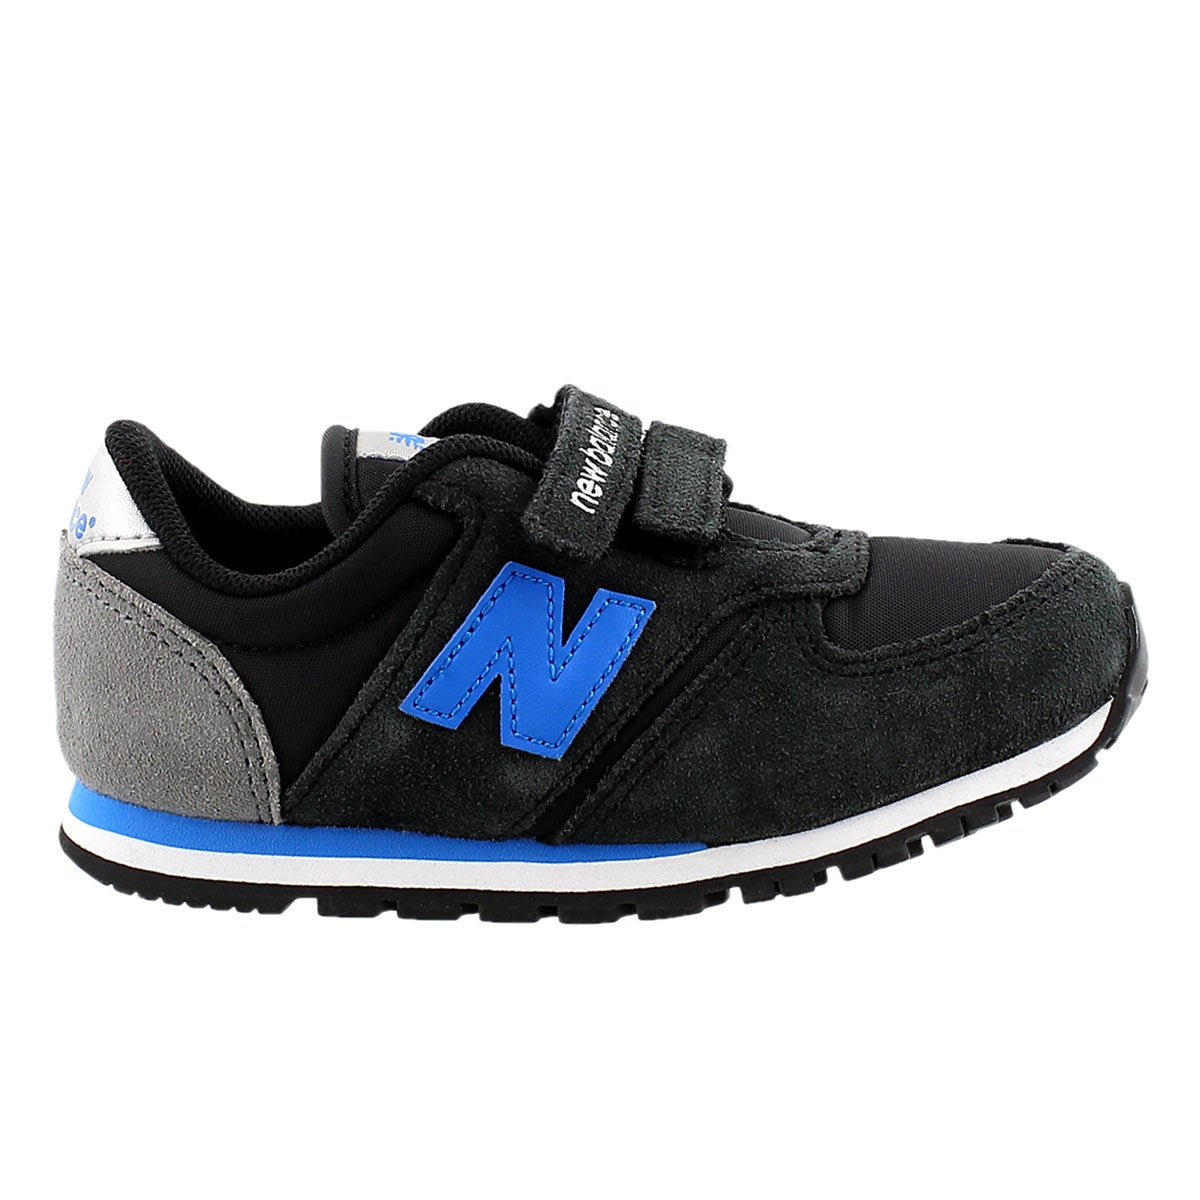 Infs 420 blk/blue hook & loop sneaker